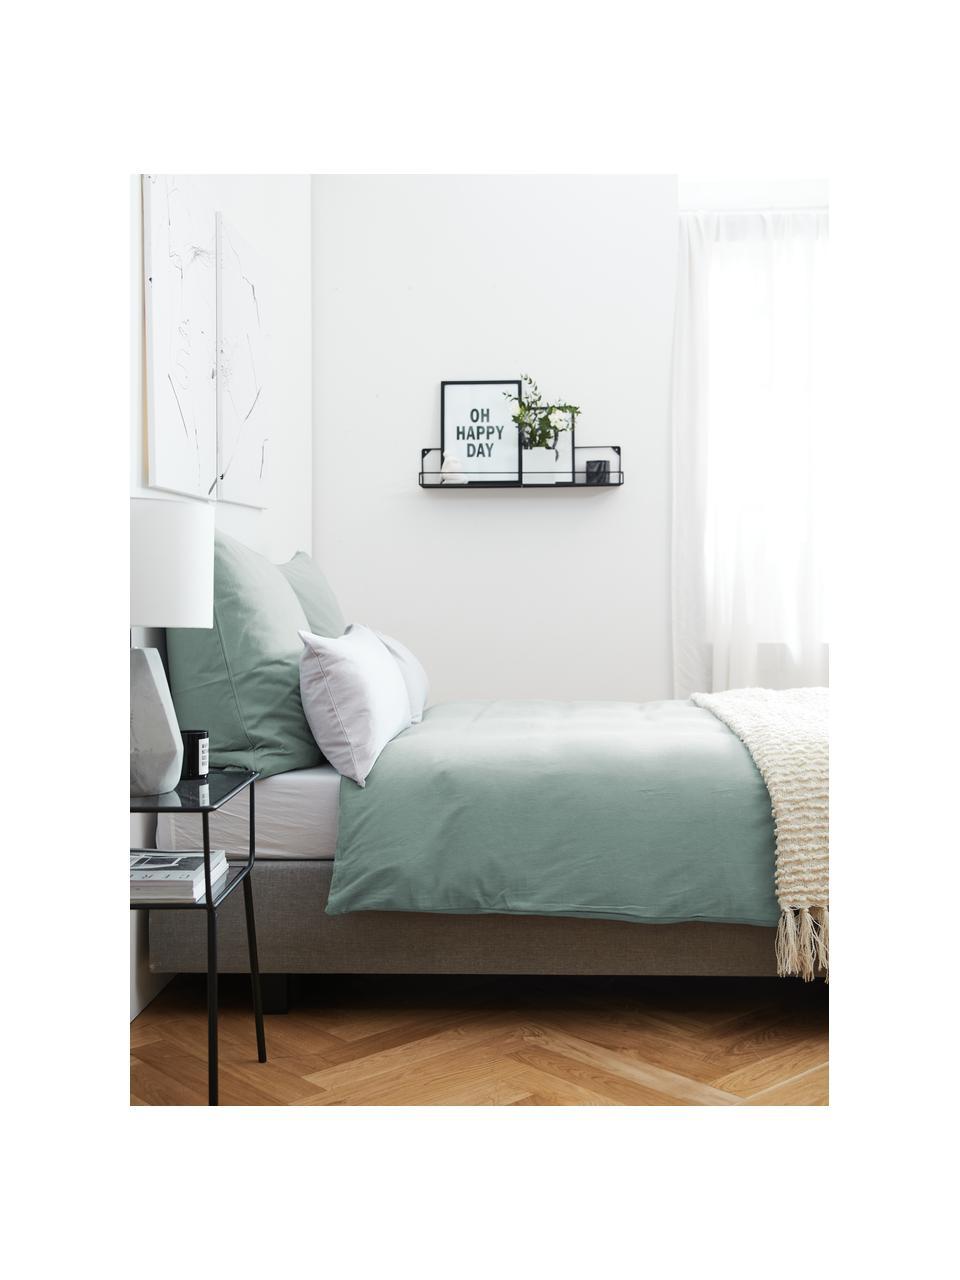 Pościel z flaneli Biba, Zielony miętowy, 135 x 200 cm + 1 poduszka 80 x 80 cm